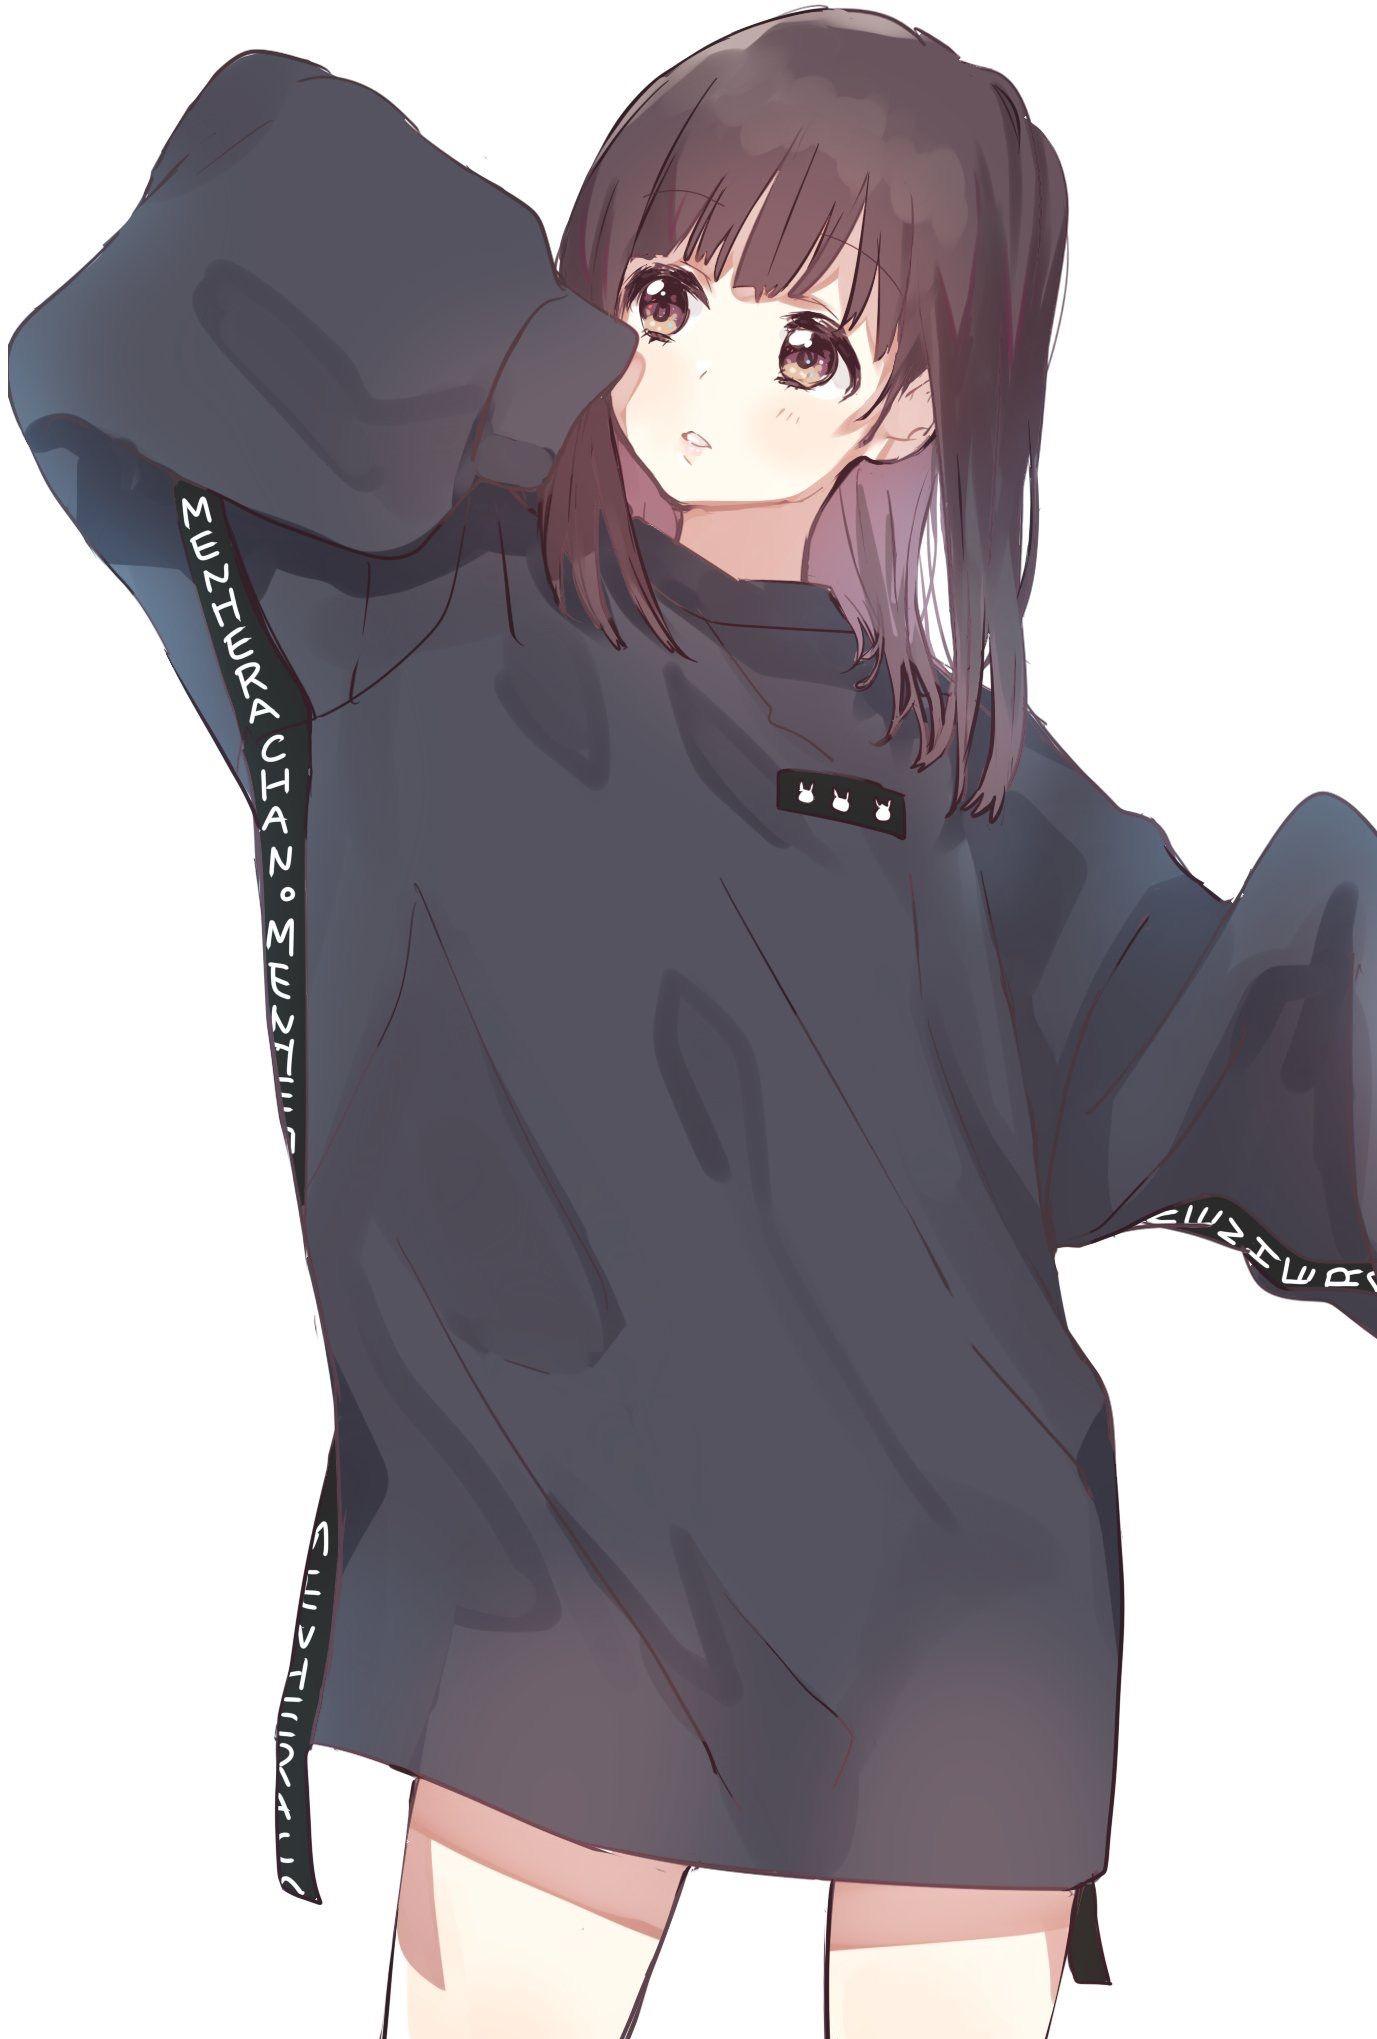 Pin Oleh Hanajoutouchi Di Menhera Chan Gadis Animasi Gambar Manga Gadis Manga